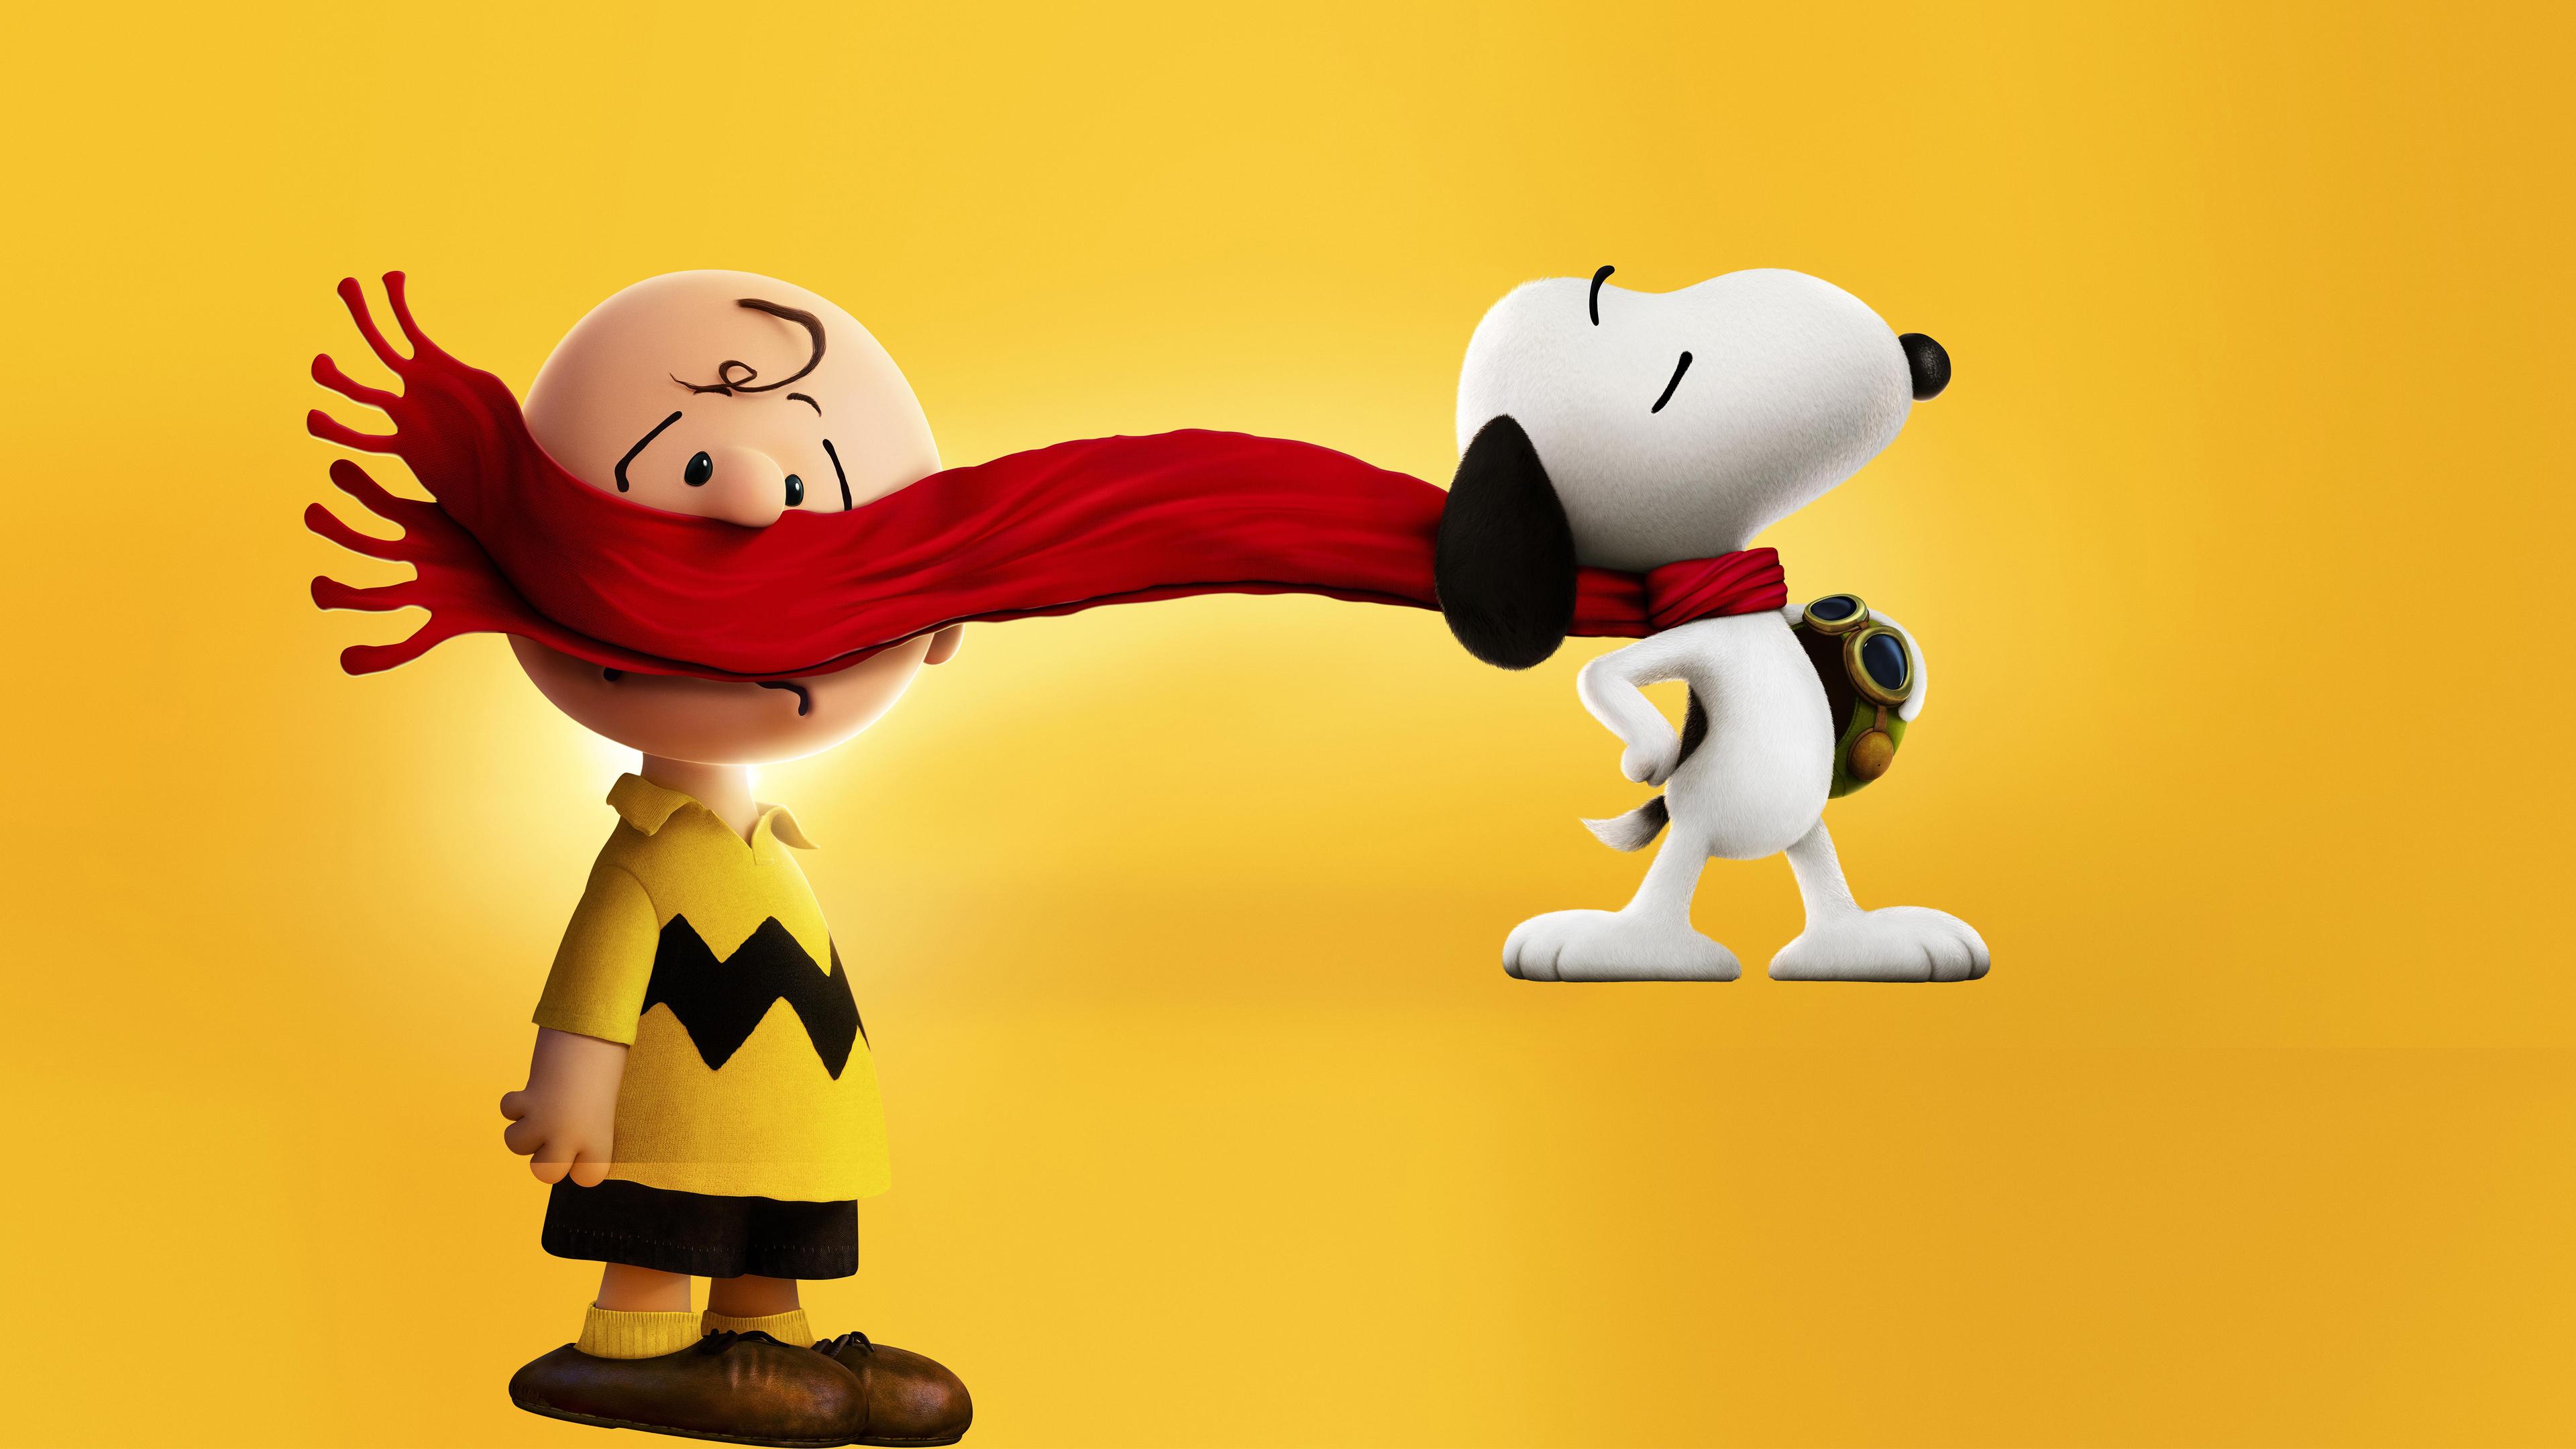 Чарли Браун, снупи и мелочь пузатая. обои скачать